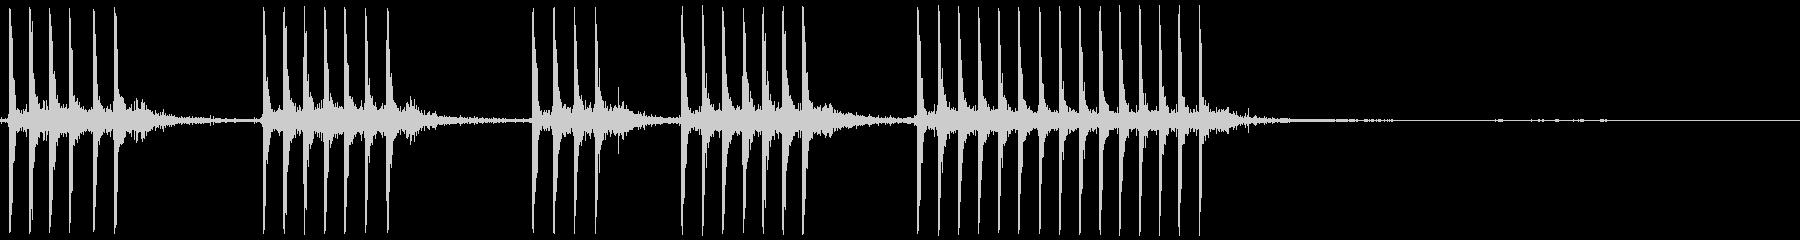 マシンガンラピッドバーストの未再生の波形